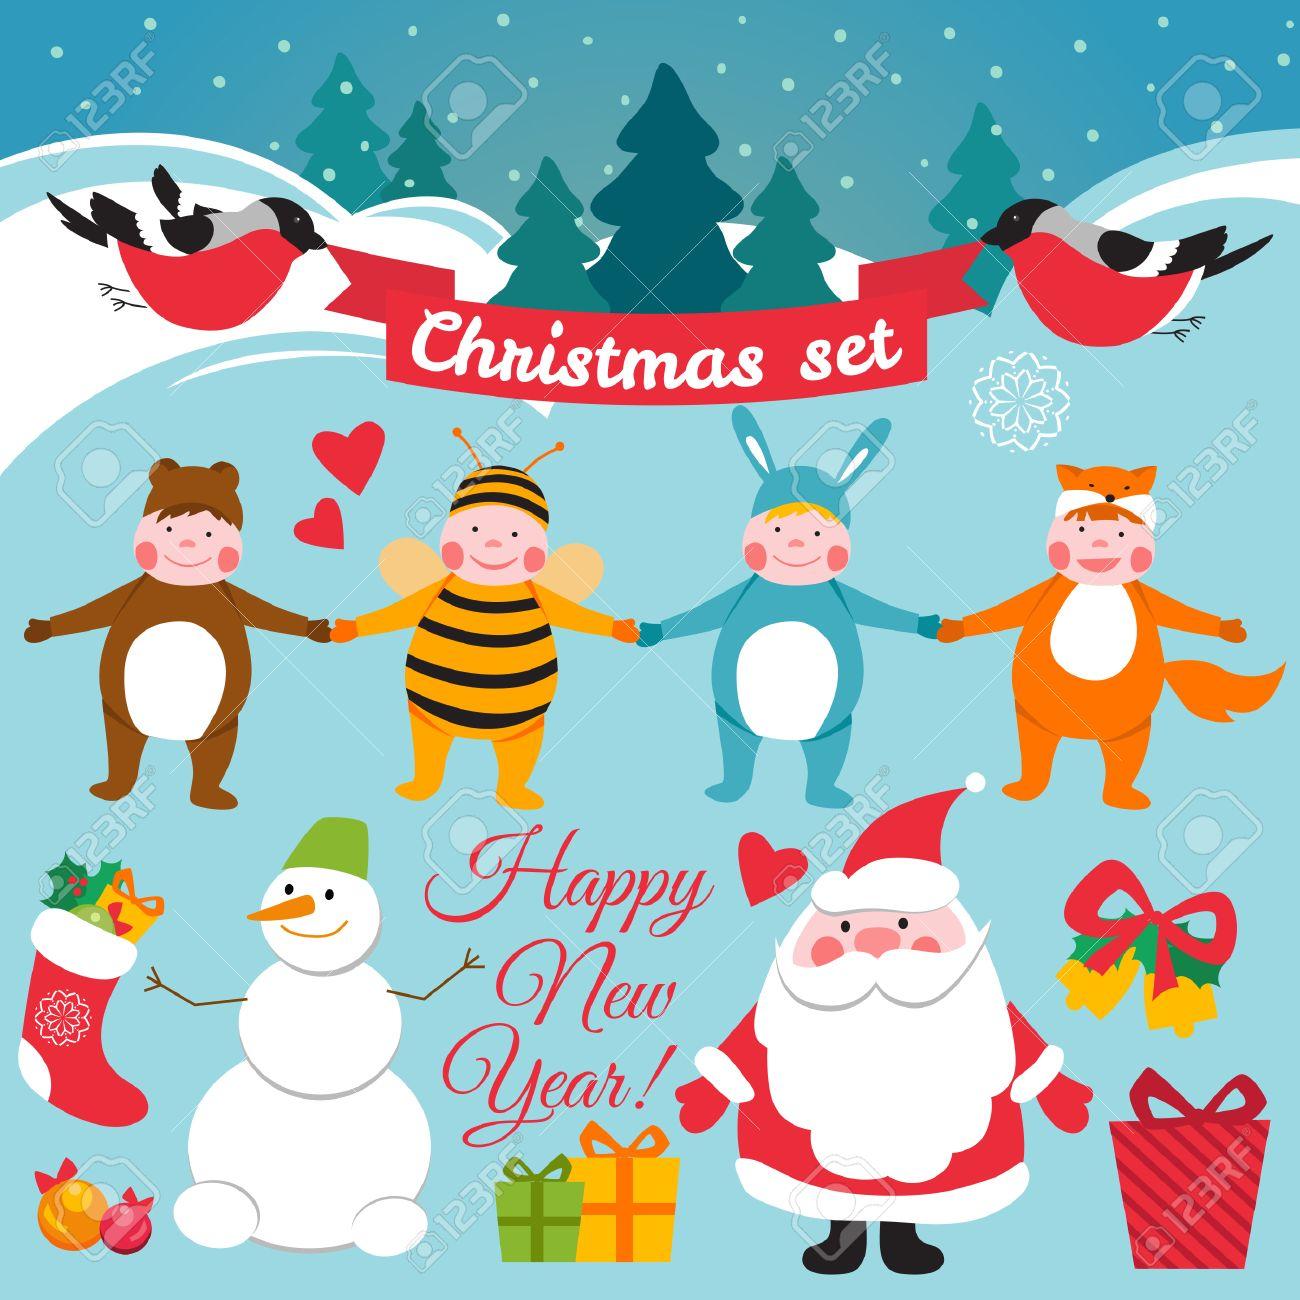 Immagini Di Natale Per Bambini Colorate.Set Di Caratteri Di Natale Colorate E Decorazioni Costumi Di Natale Per Bambini Stile Retro Vintage Vector Background